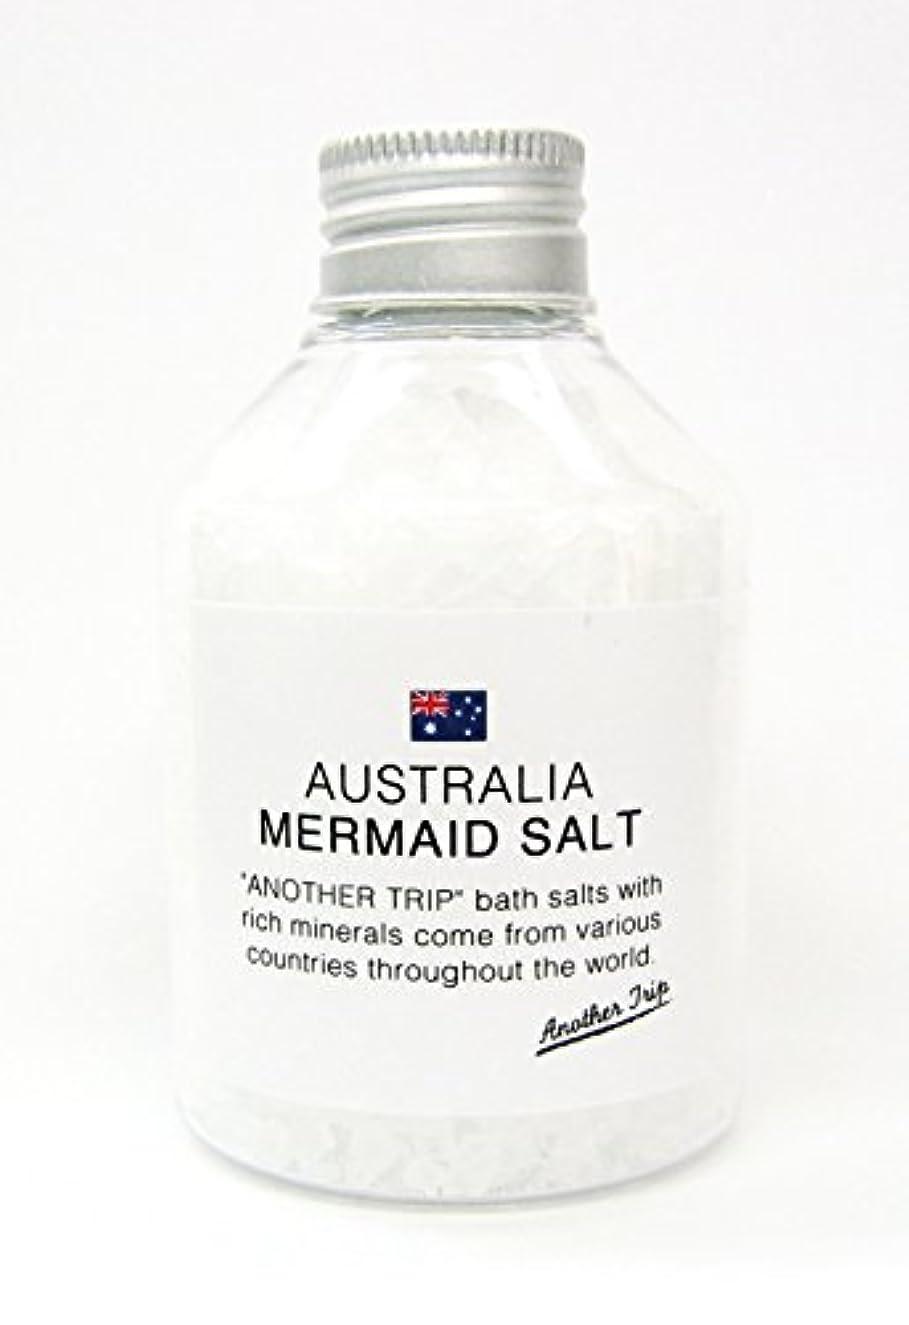 資格スズメバチ省略アナザートリップN オーストラリアマーメイドソルト 175g